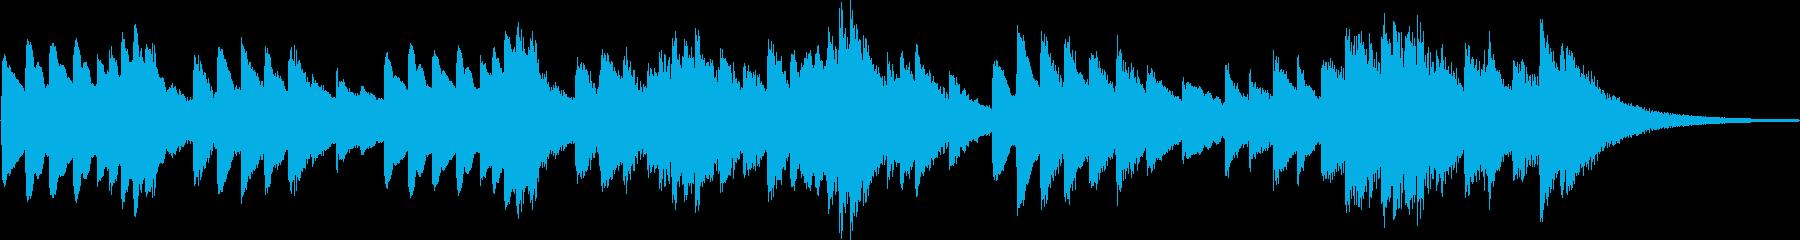 野ばら シューベルトの再生済みの波形